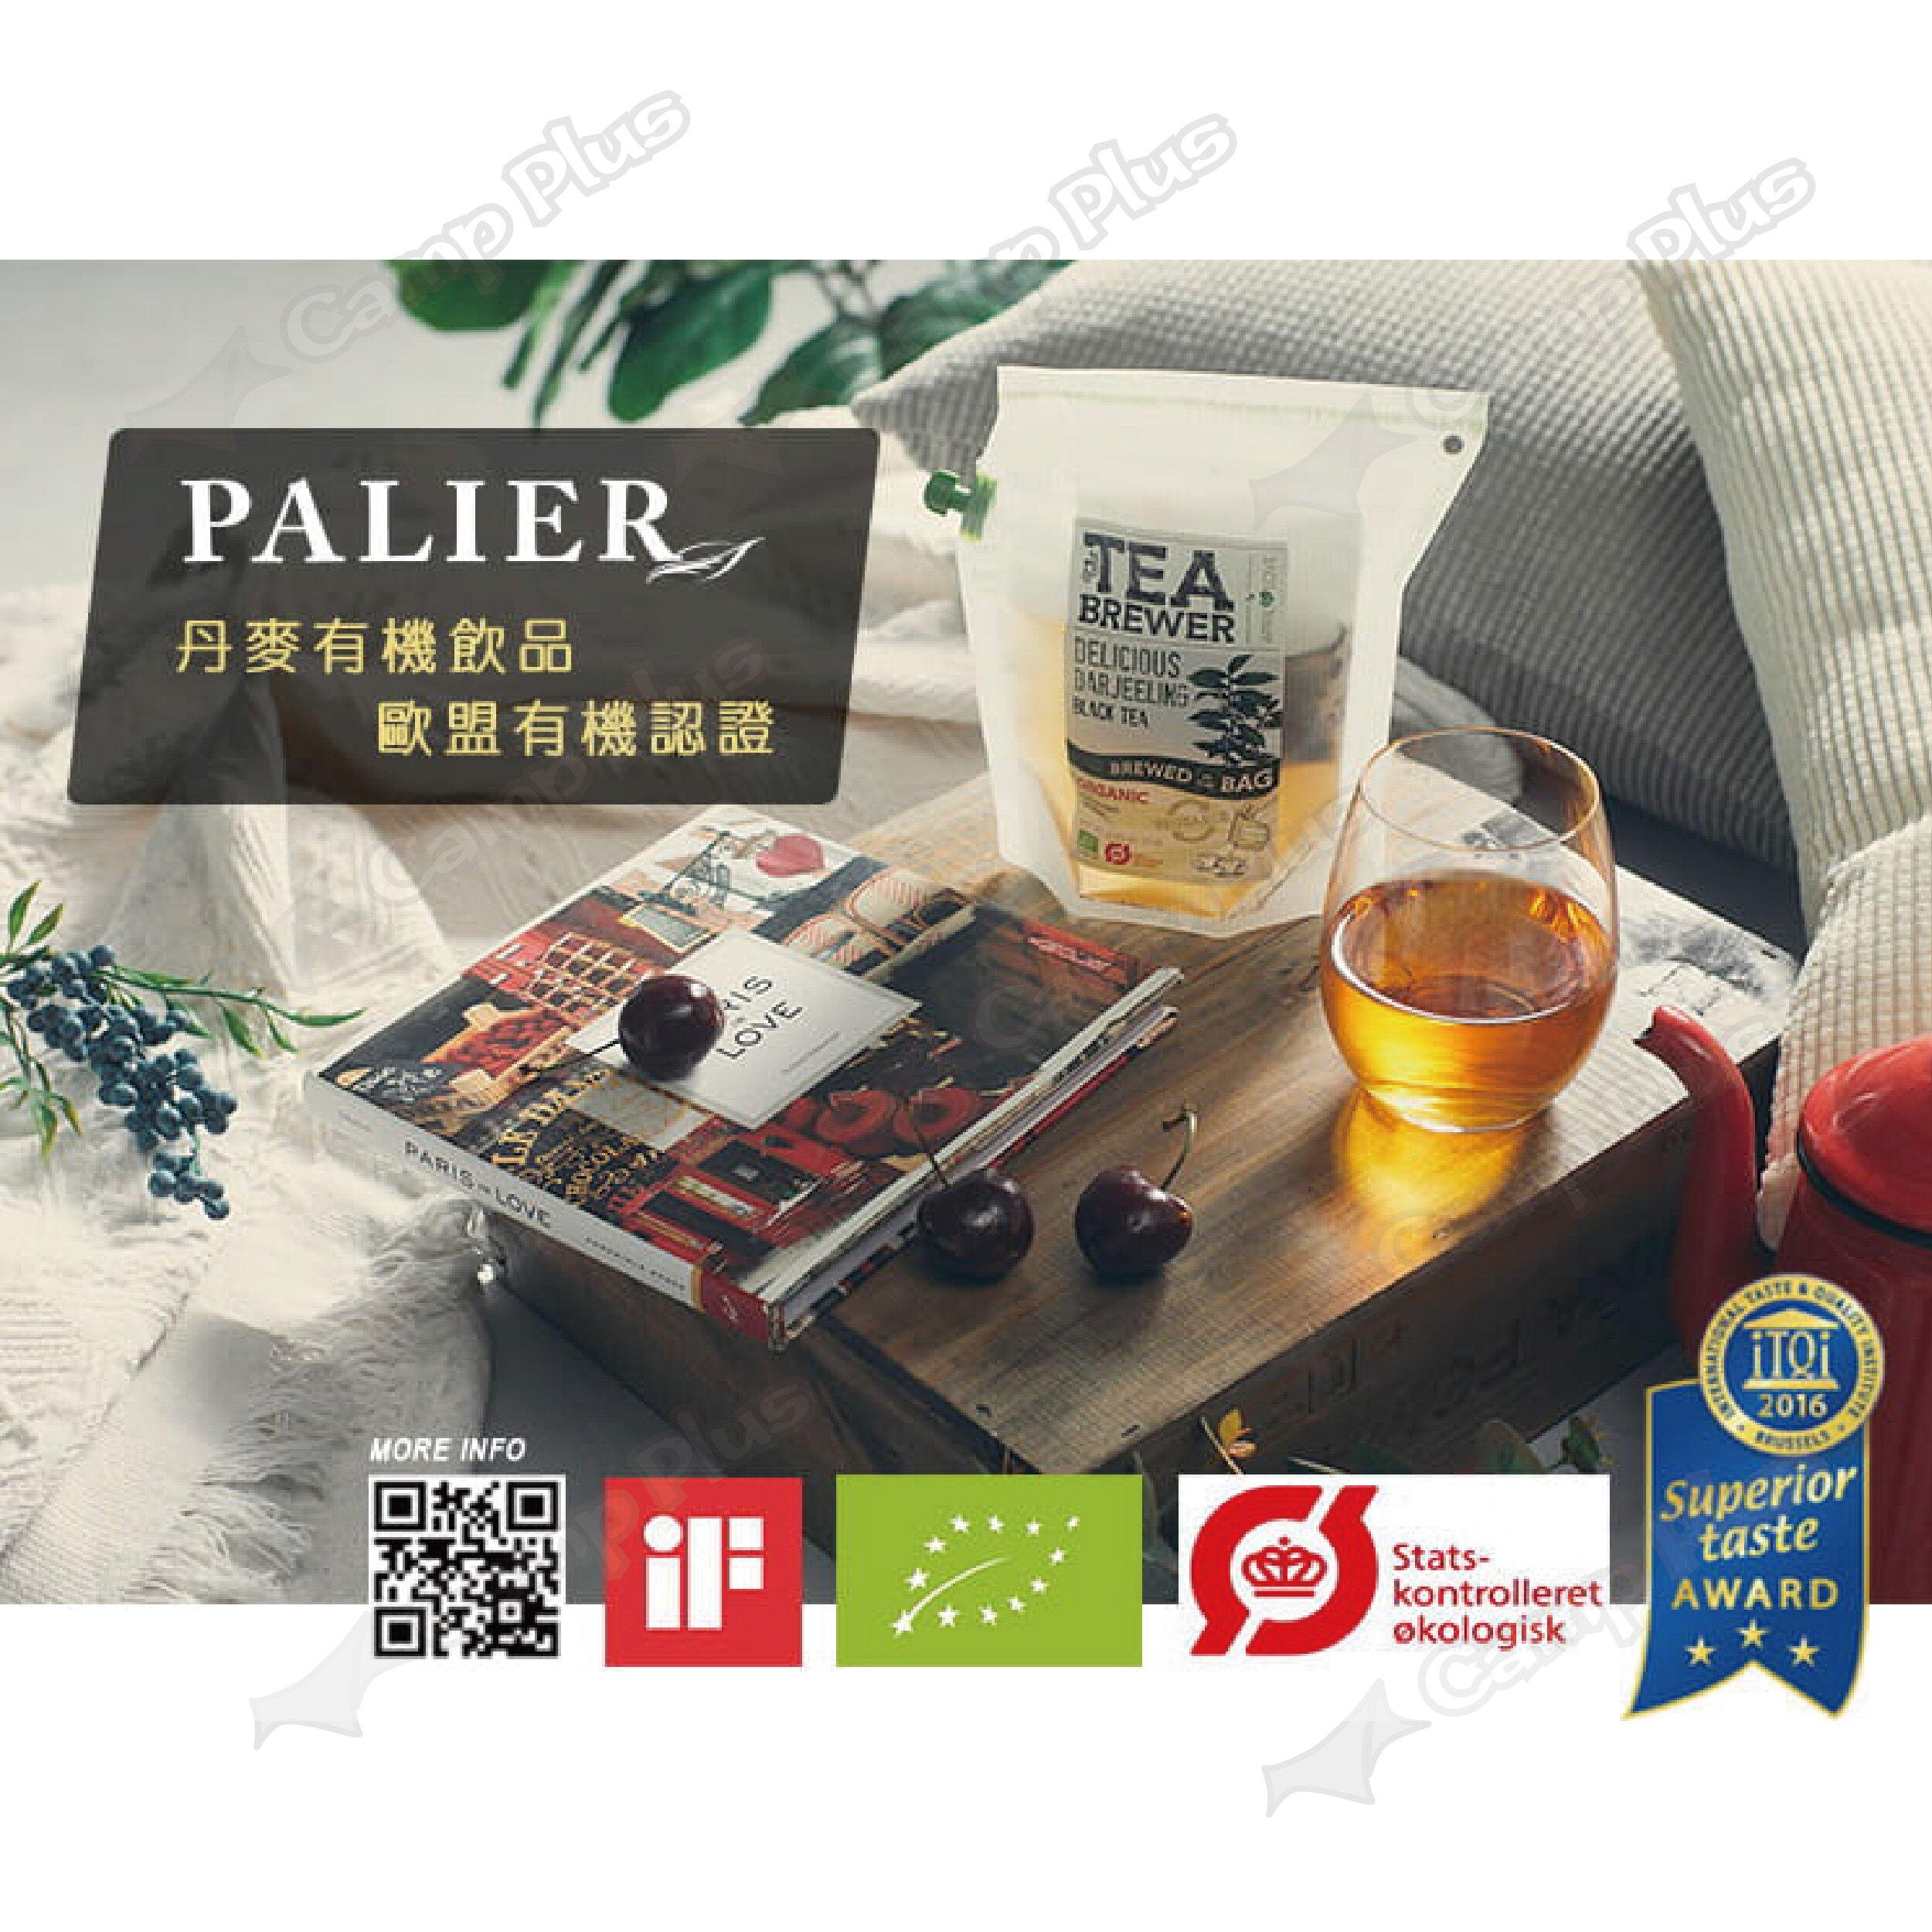 【滿$3,000↘領券折$250】【PALIER】Tea Brewer 有機茶飲-清新綠茶 歐盟有機驗證 露營 野炊 登山 【悠遊戶外】